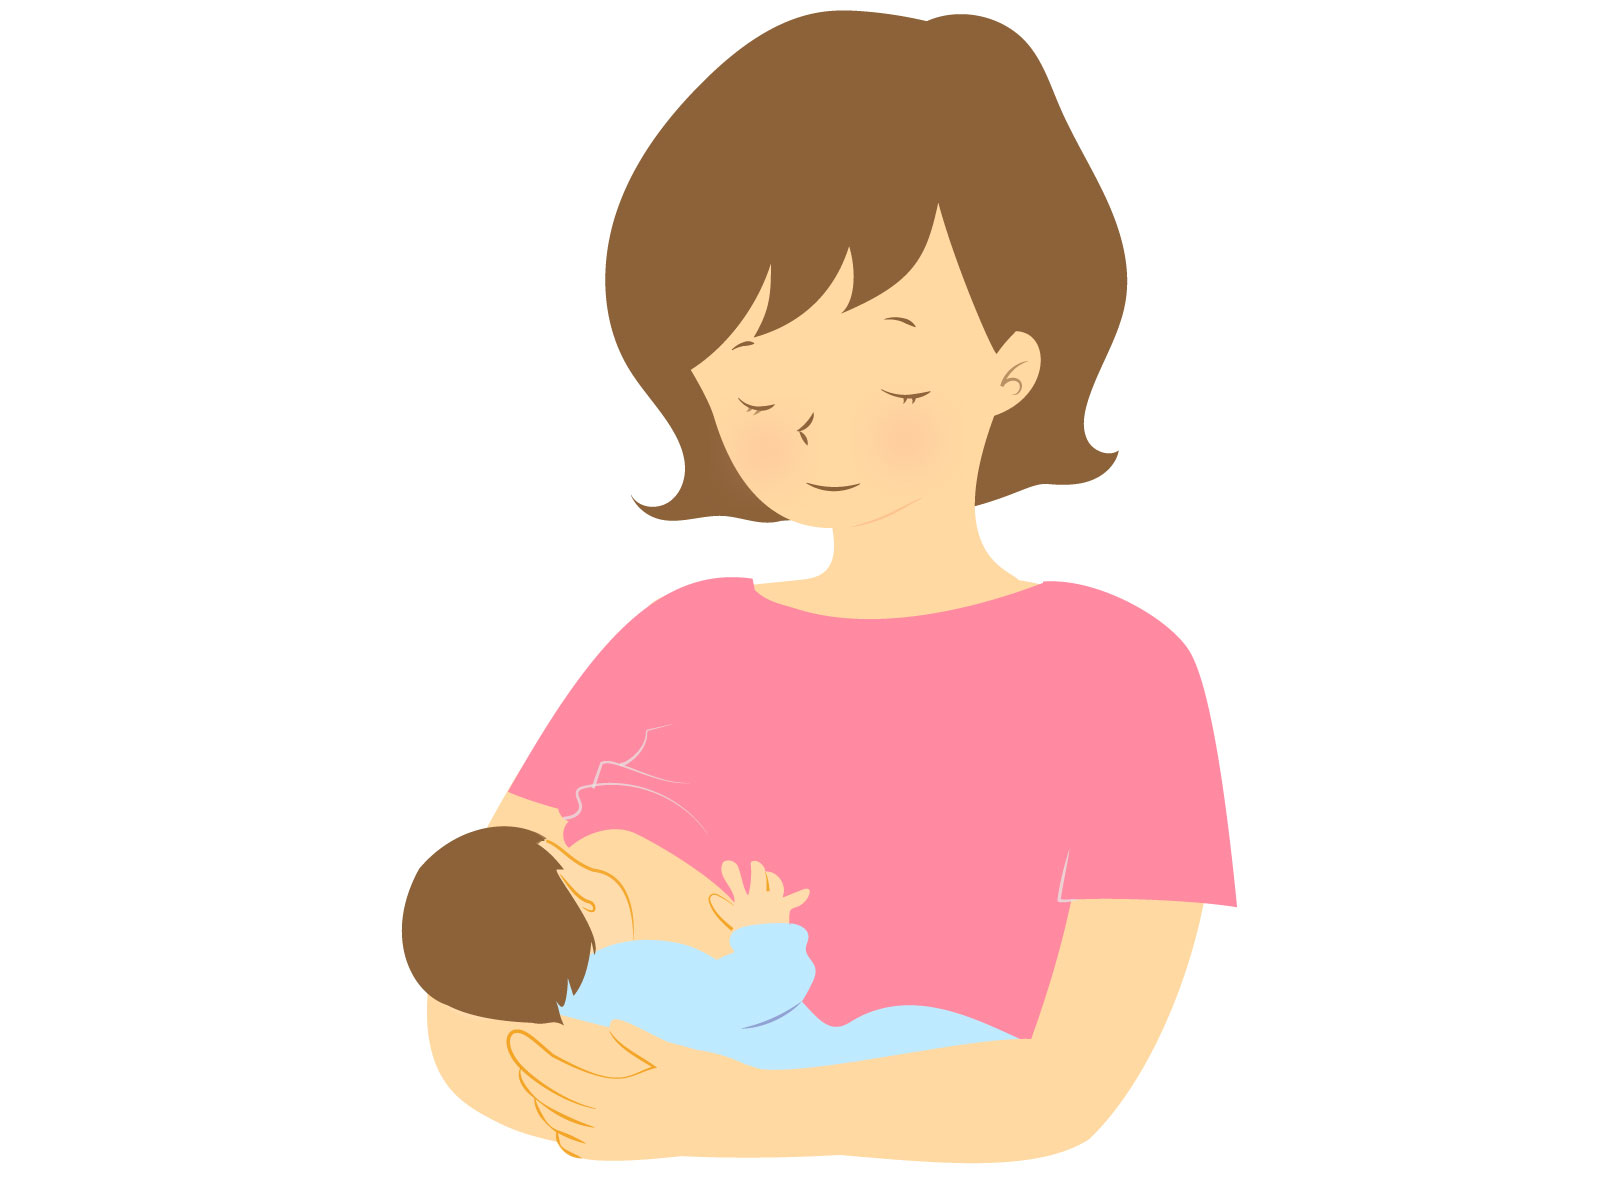 母乳栄養の推進は、アレルギー疾患を減らすか?